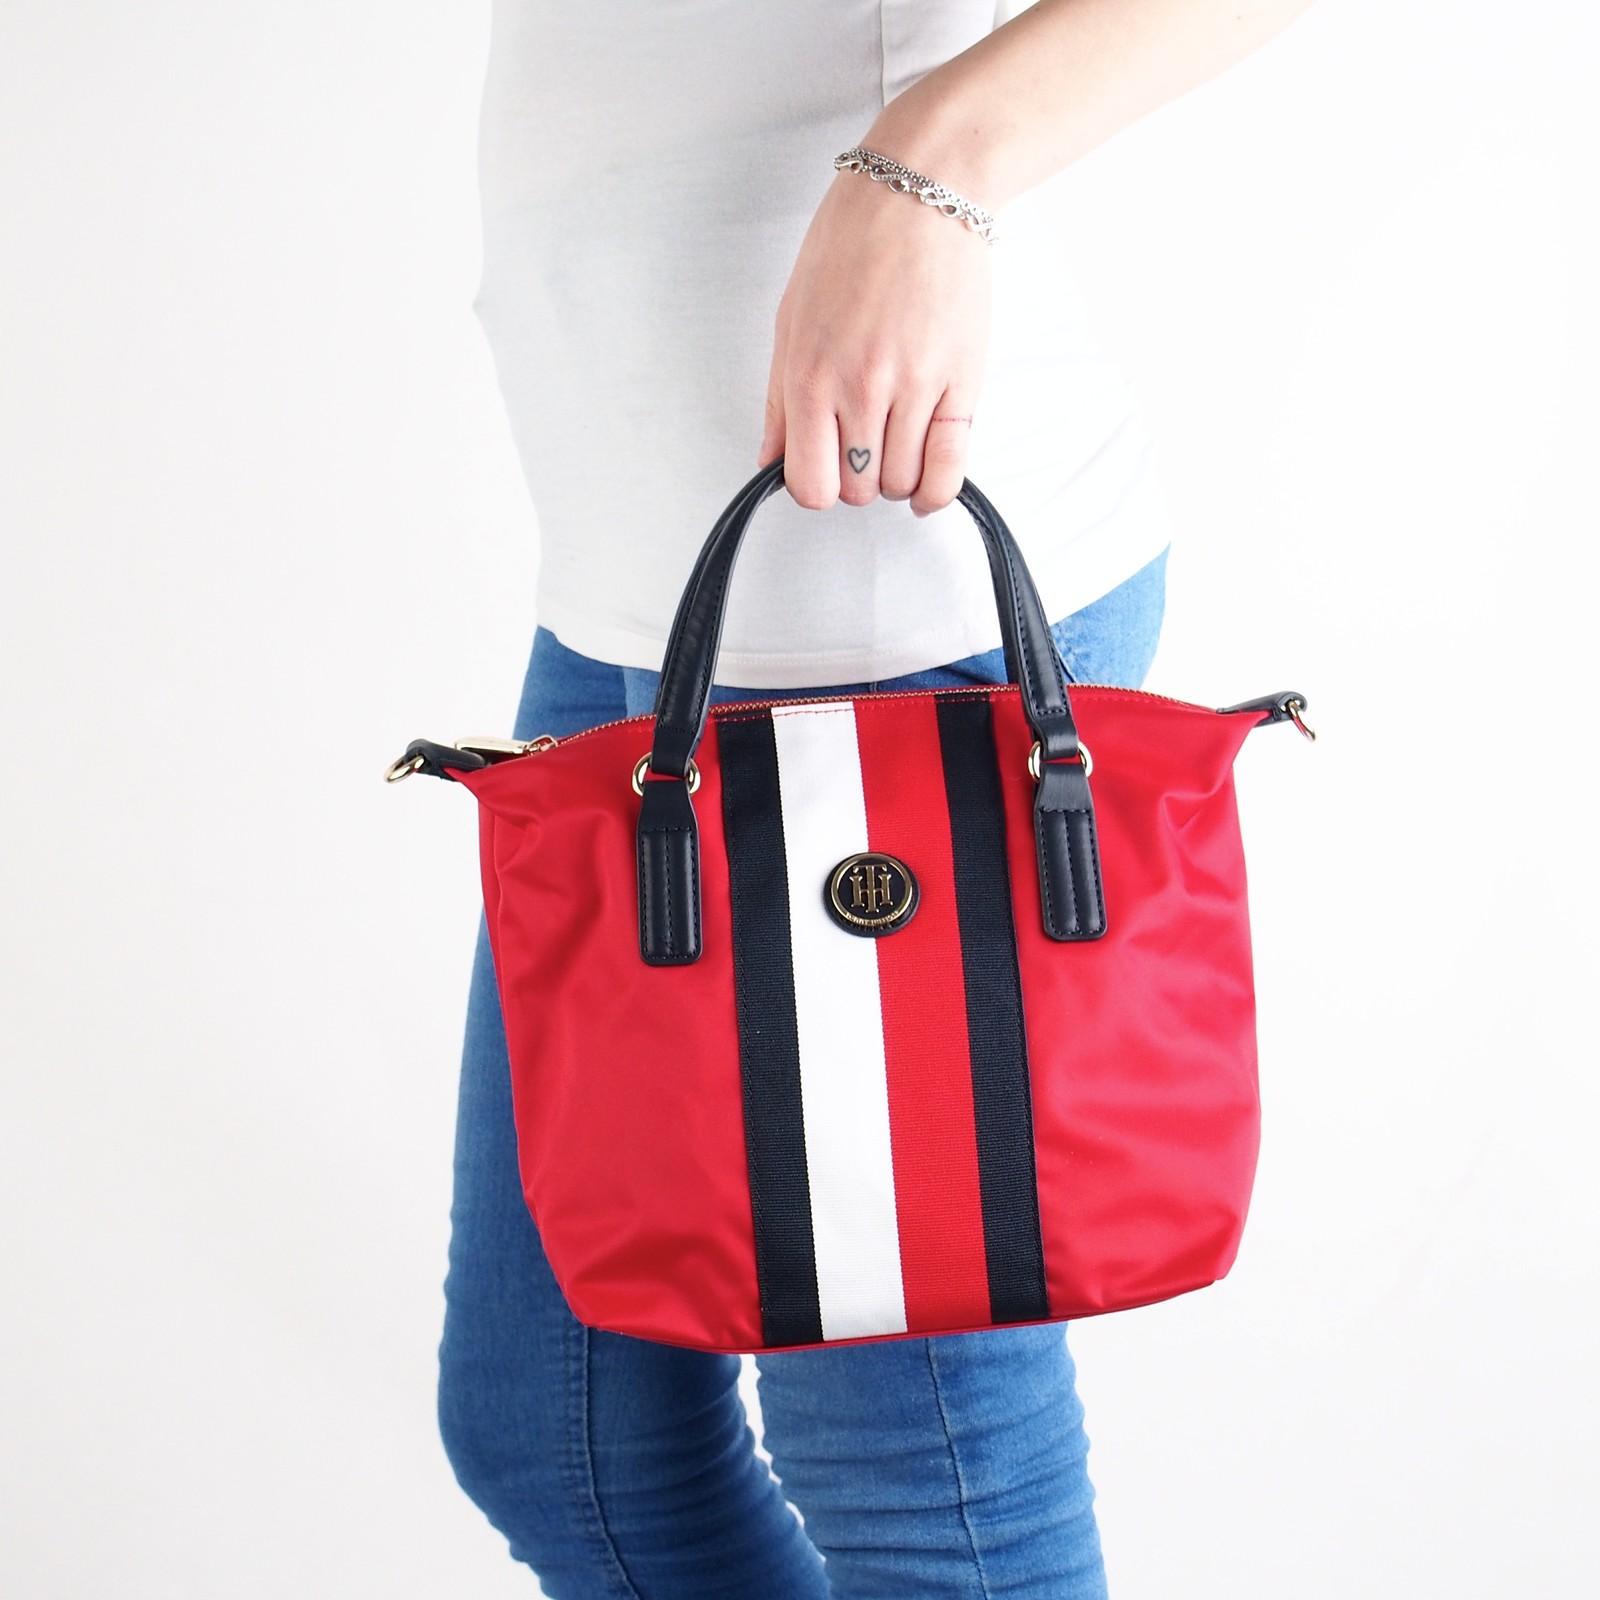 e87c0d278a Tommy Hilfiger dámska štýlová kabelka - červená ...